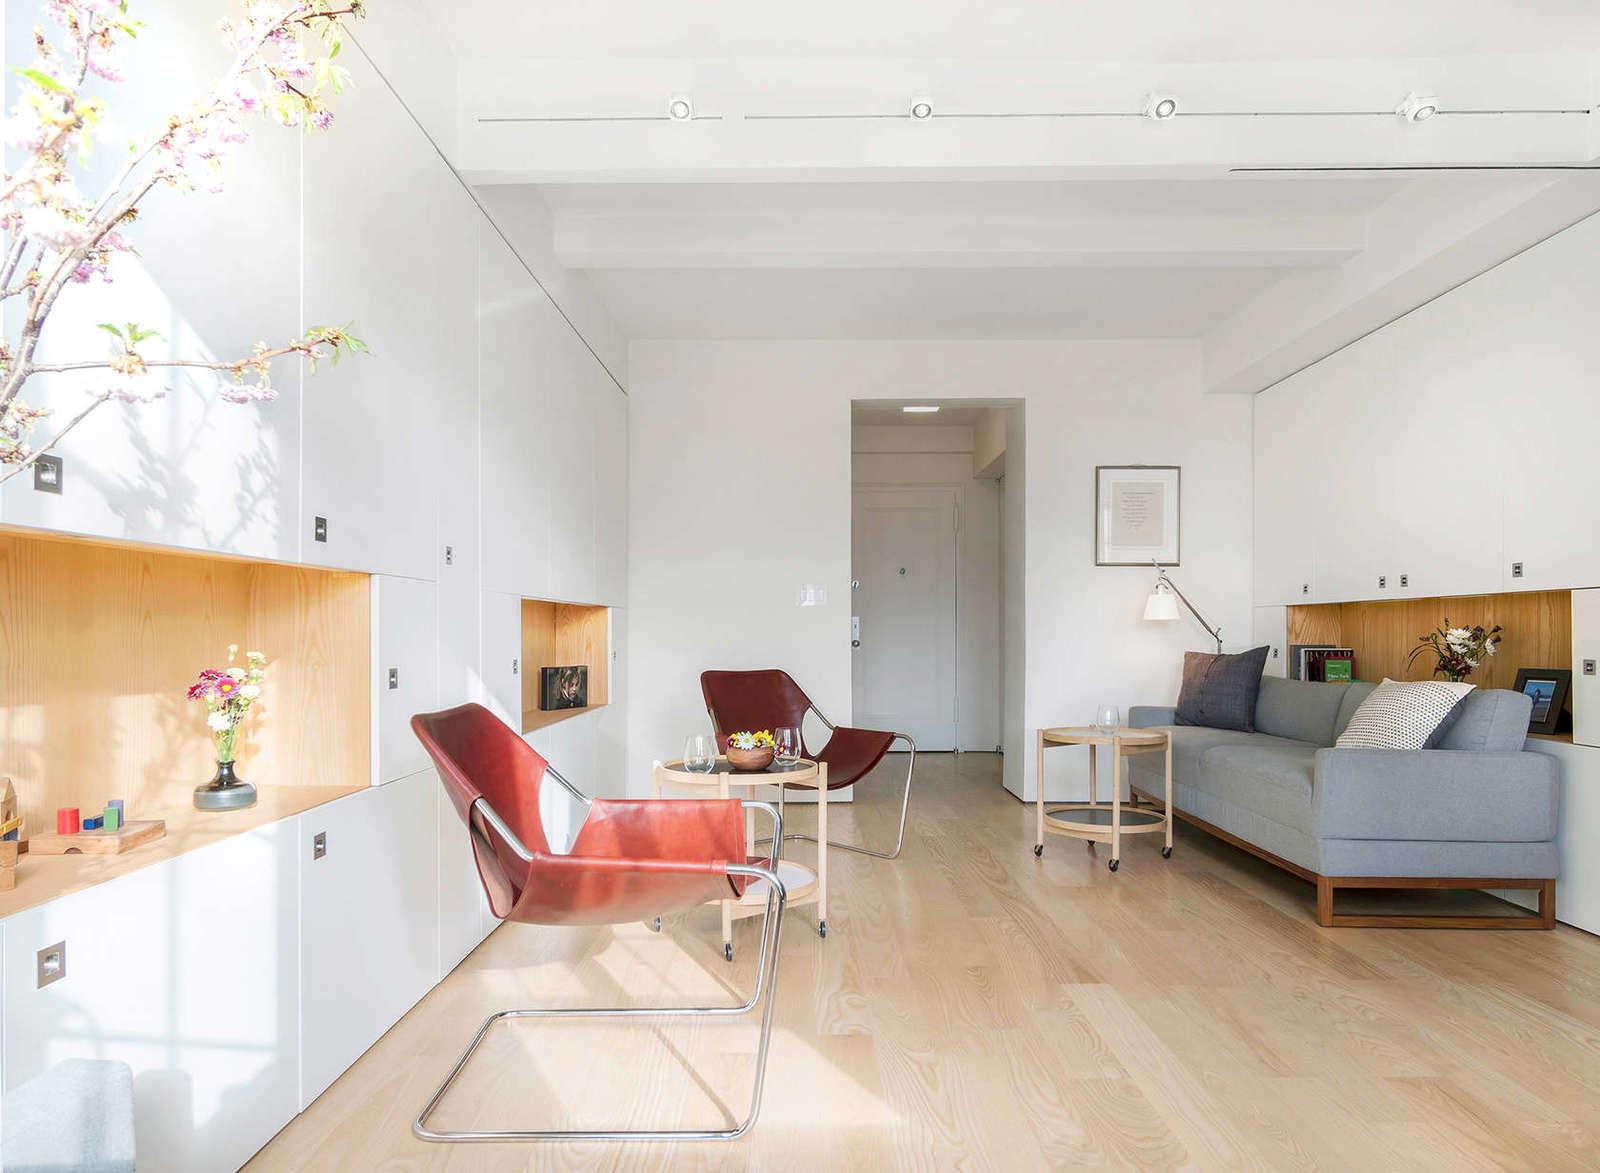 nestandarten-i-izkliuchitelno-funktsionalen-malak-apartament-37-m-4g